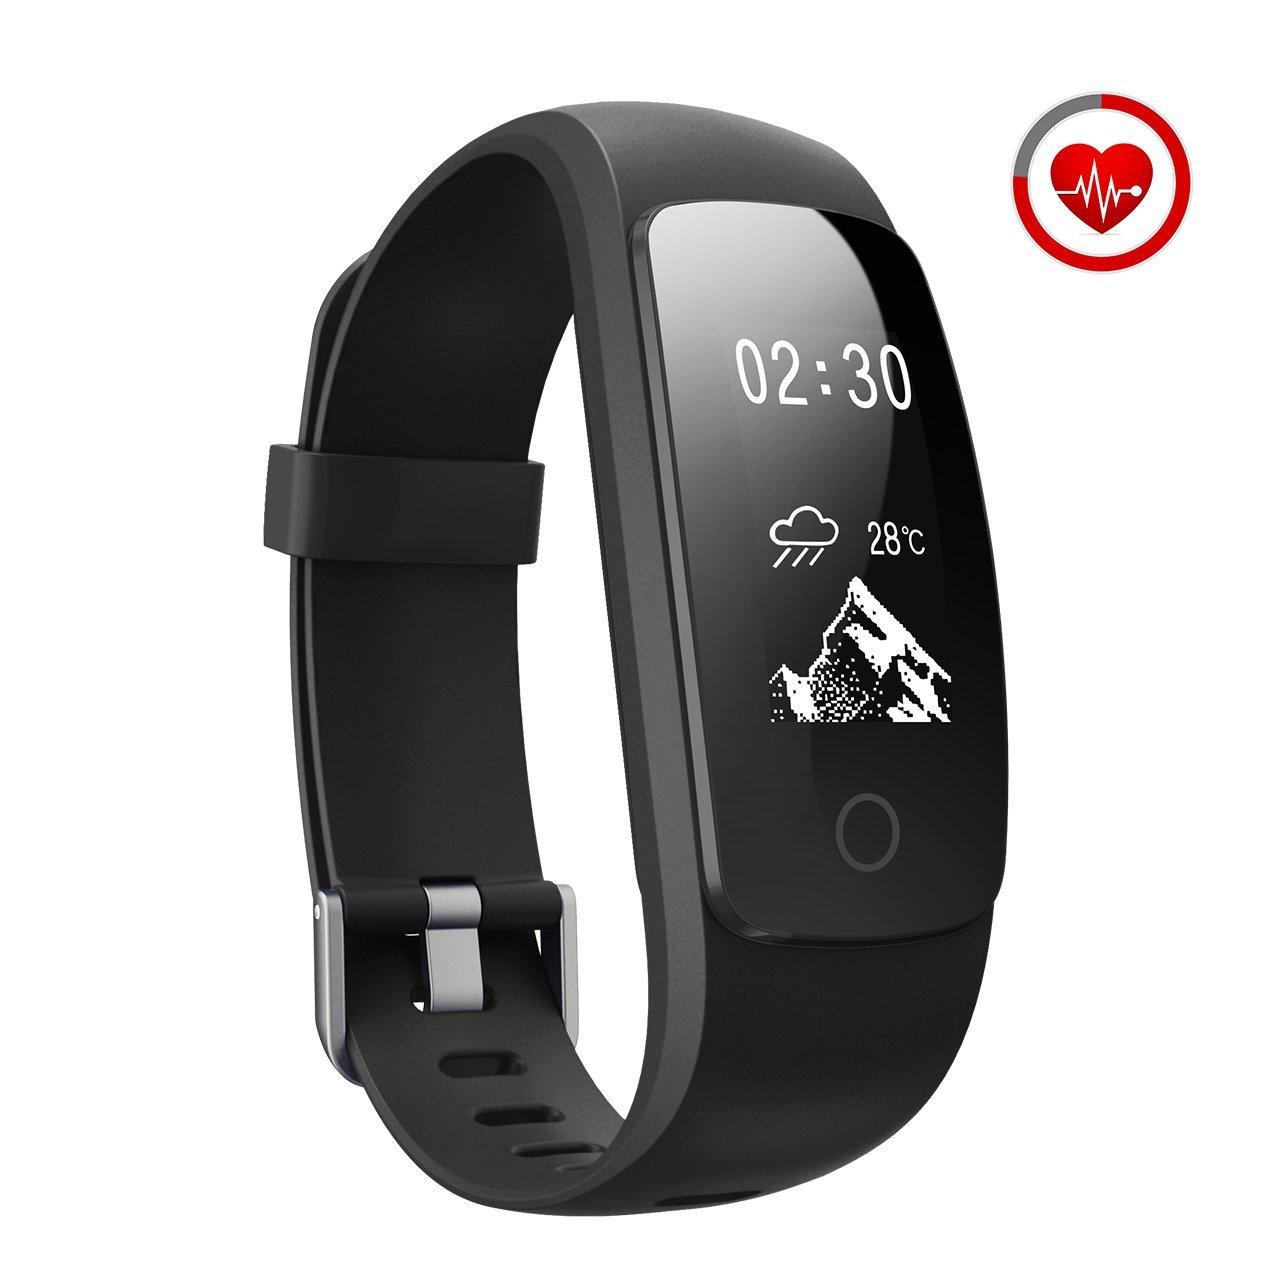 JoyGeek Cardiofrequenzimetro, bracciale intelligente, tracciatore di attività sportiva, orologio intelligente con controlli per musica e fotocamera, monitoraggio del sonno, podometro, conta calorie, gps, notifiche per chiamate e sms, per iPhone Samsung Huawei